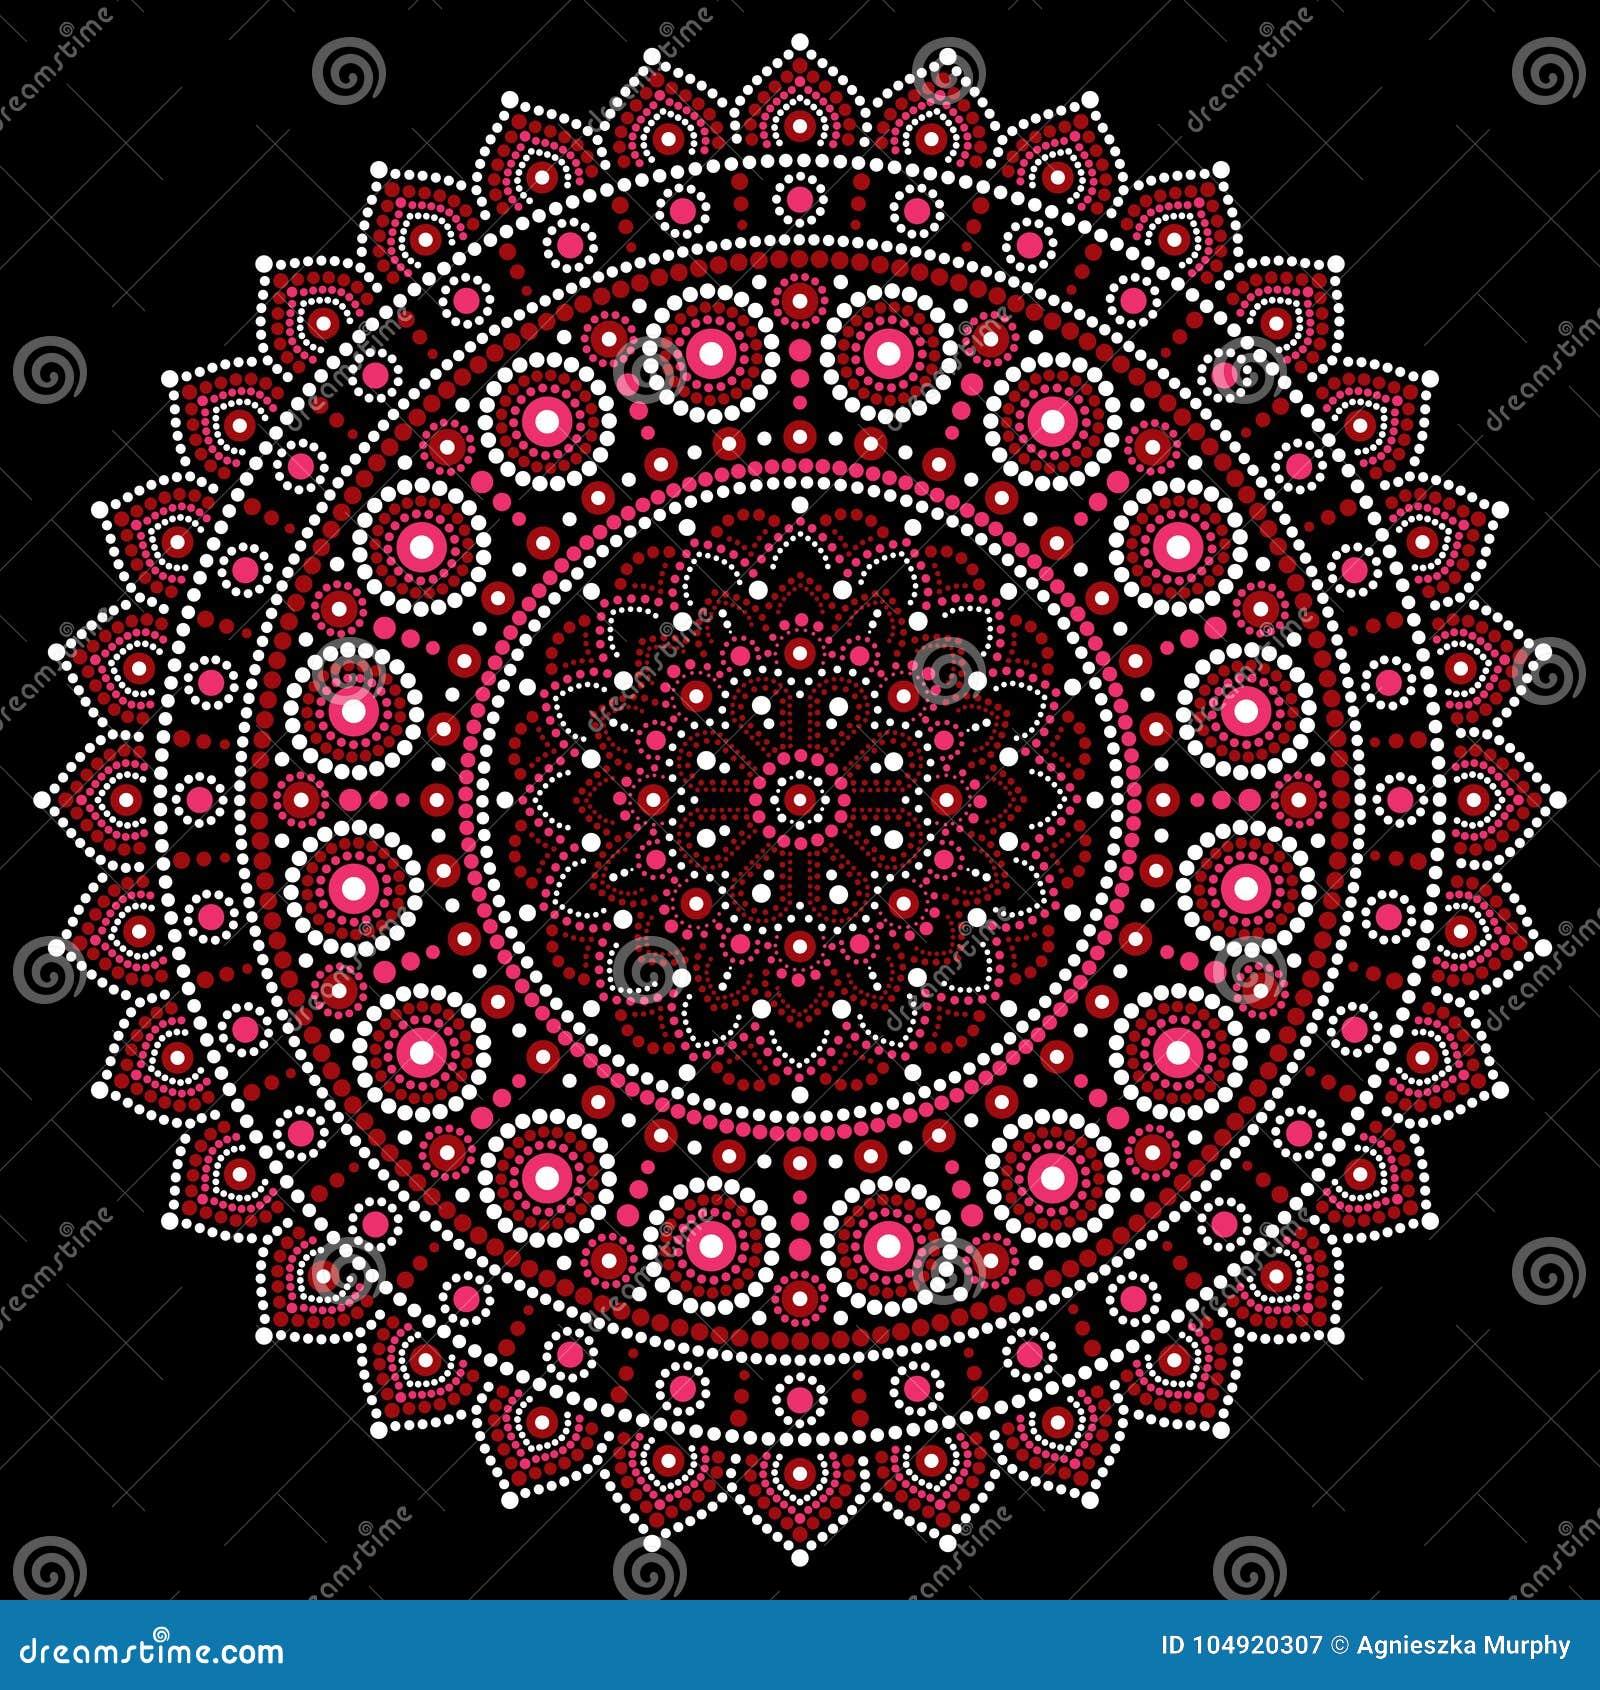 Diseno De La Mandala Estilo Aborigen De La Pintura Del Punto - Pinturas-de-mandalas